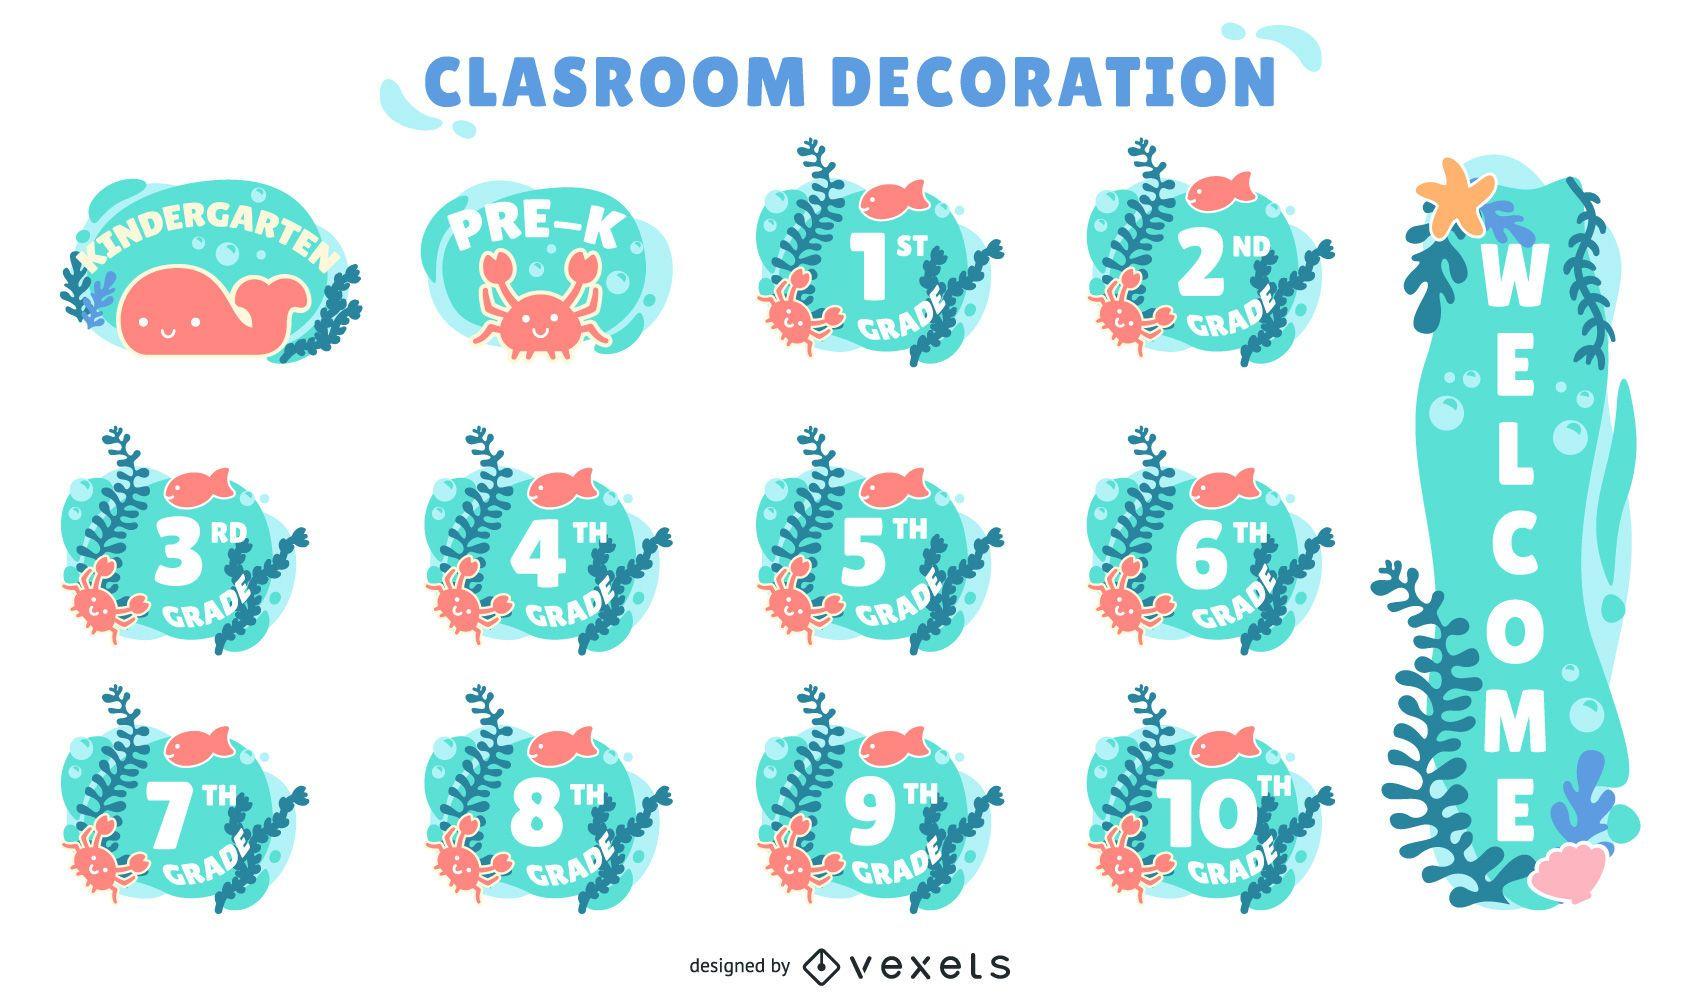 conjunto de etiquetas decorativas de grados de aula